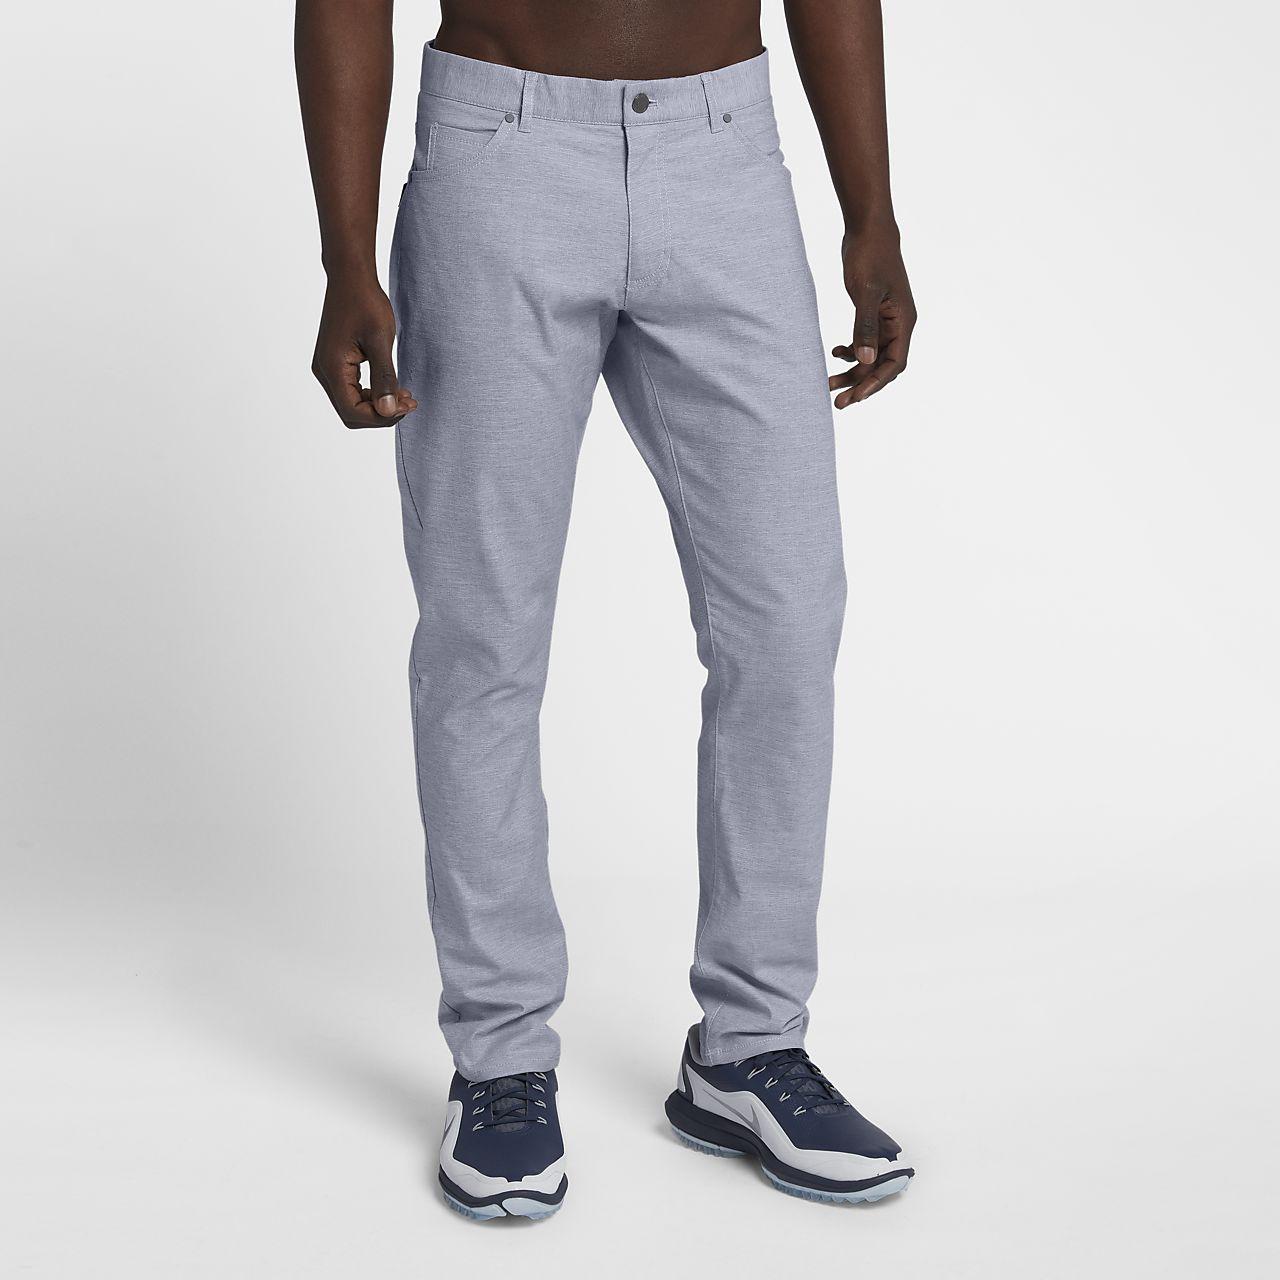 pantalon de golf coupe slim nike flex 5 pocket pour homme ch. Black Bedroom Furniture Sets. Home Design Ideas